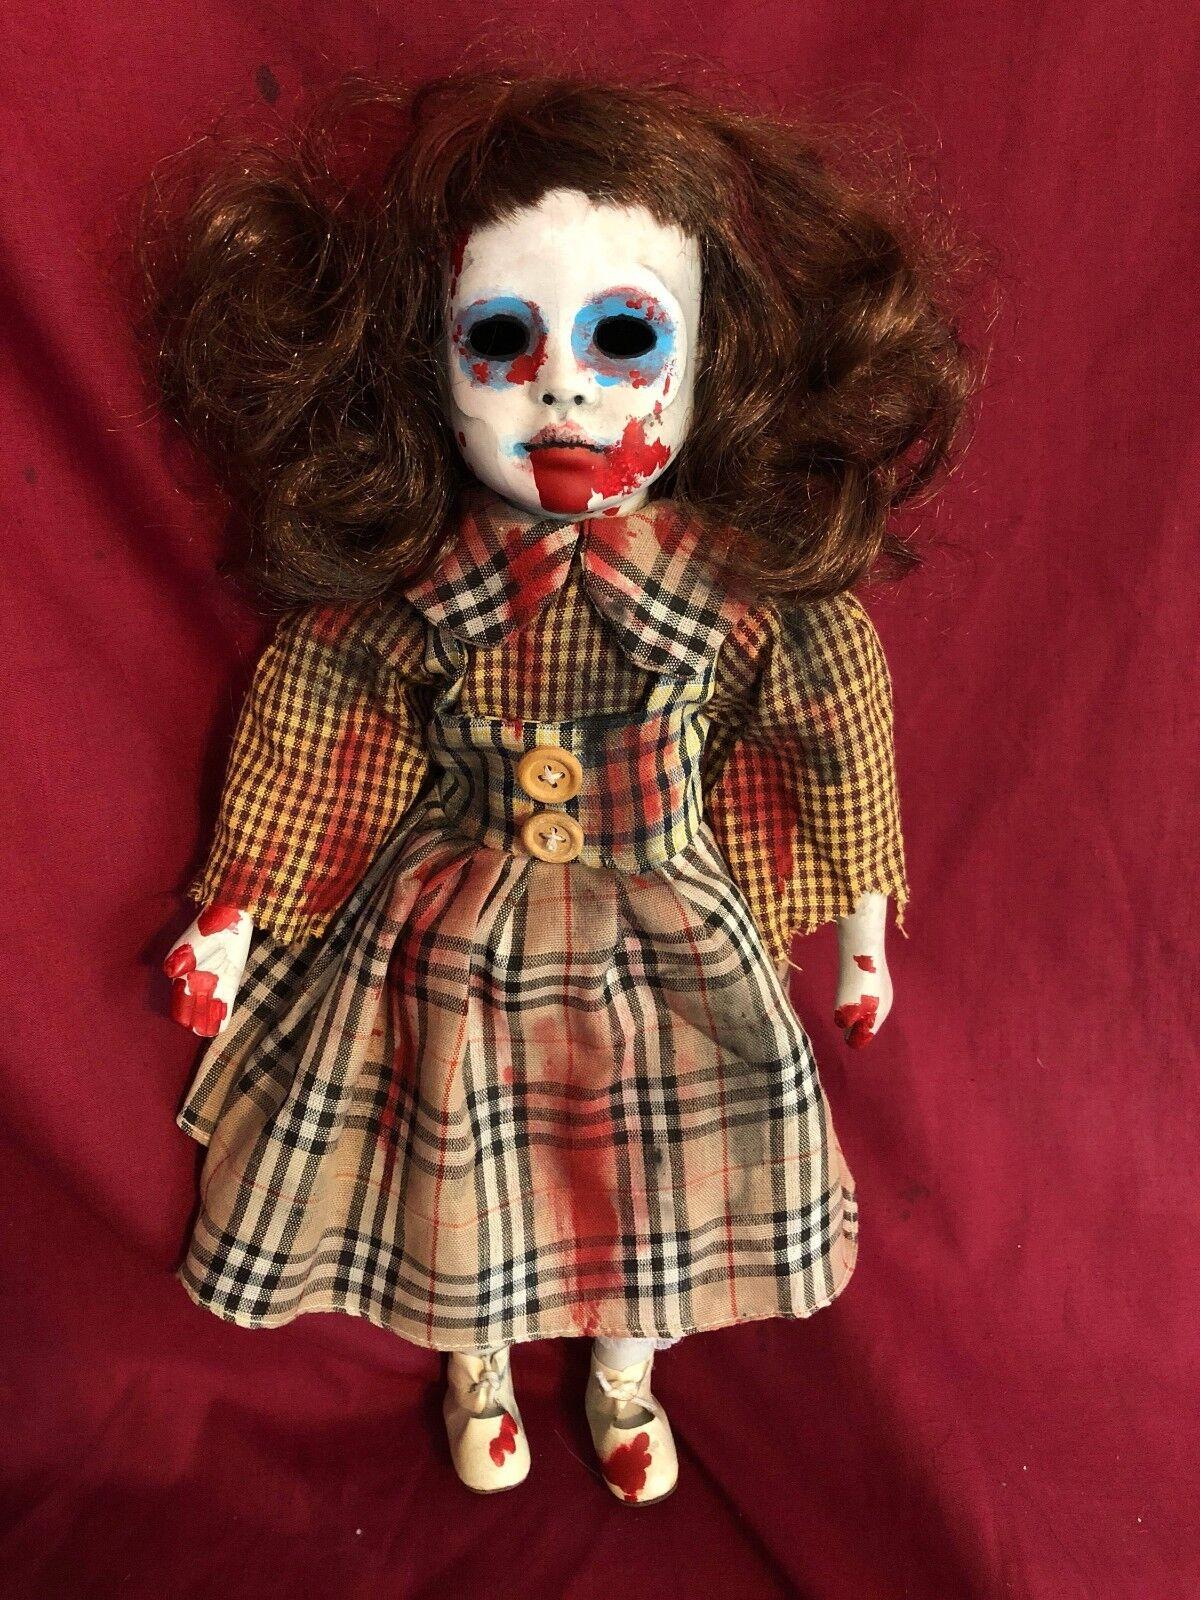 OOAK gótico escalofriante Horror Zombie Niño no-muertos Muñeca Arte por Christie creepydolls